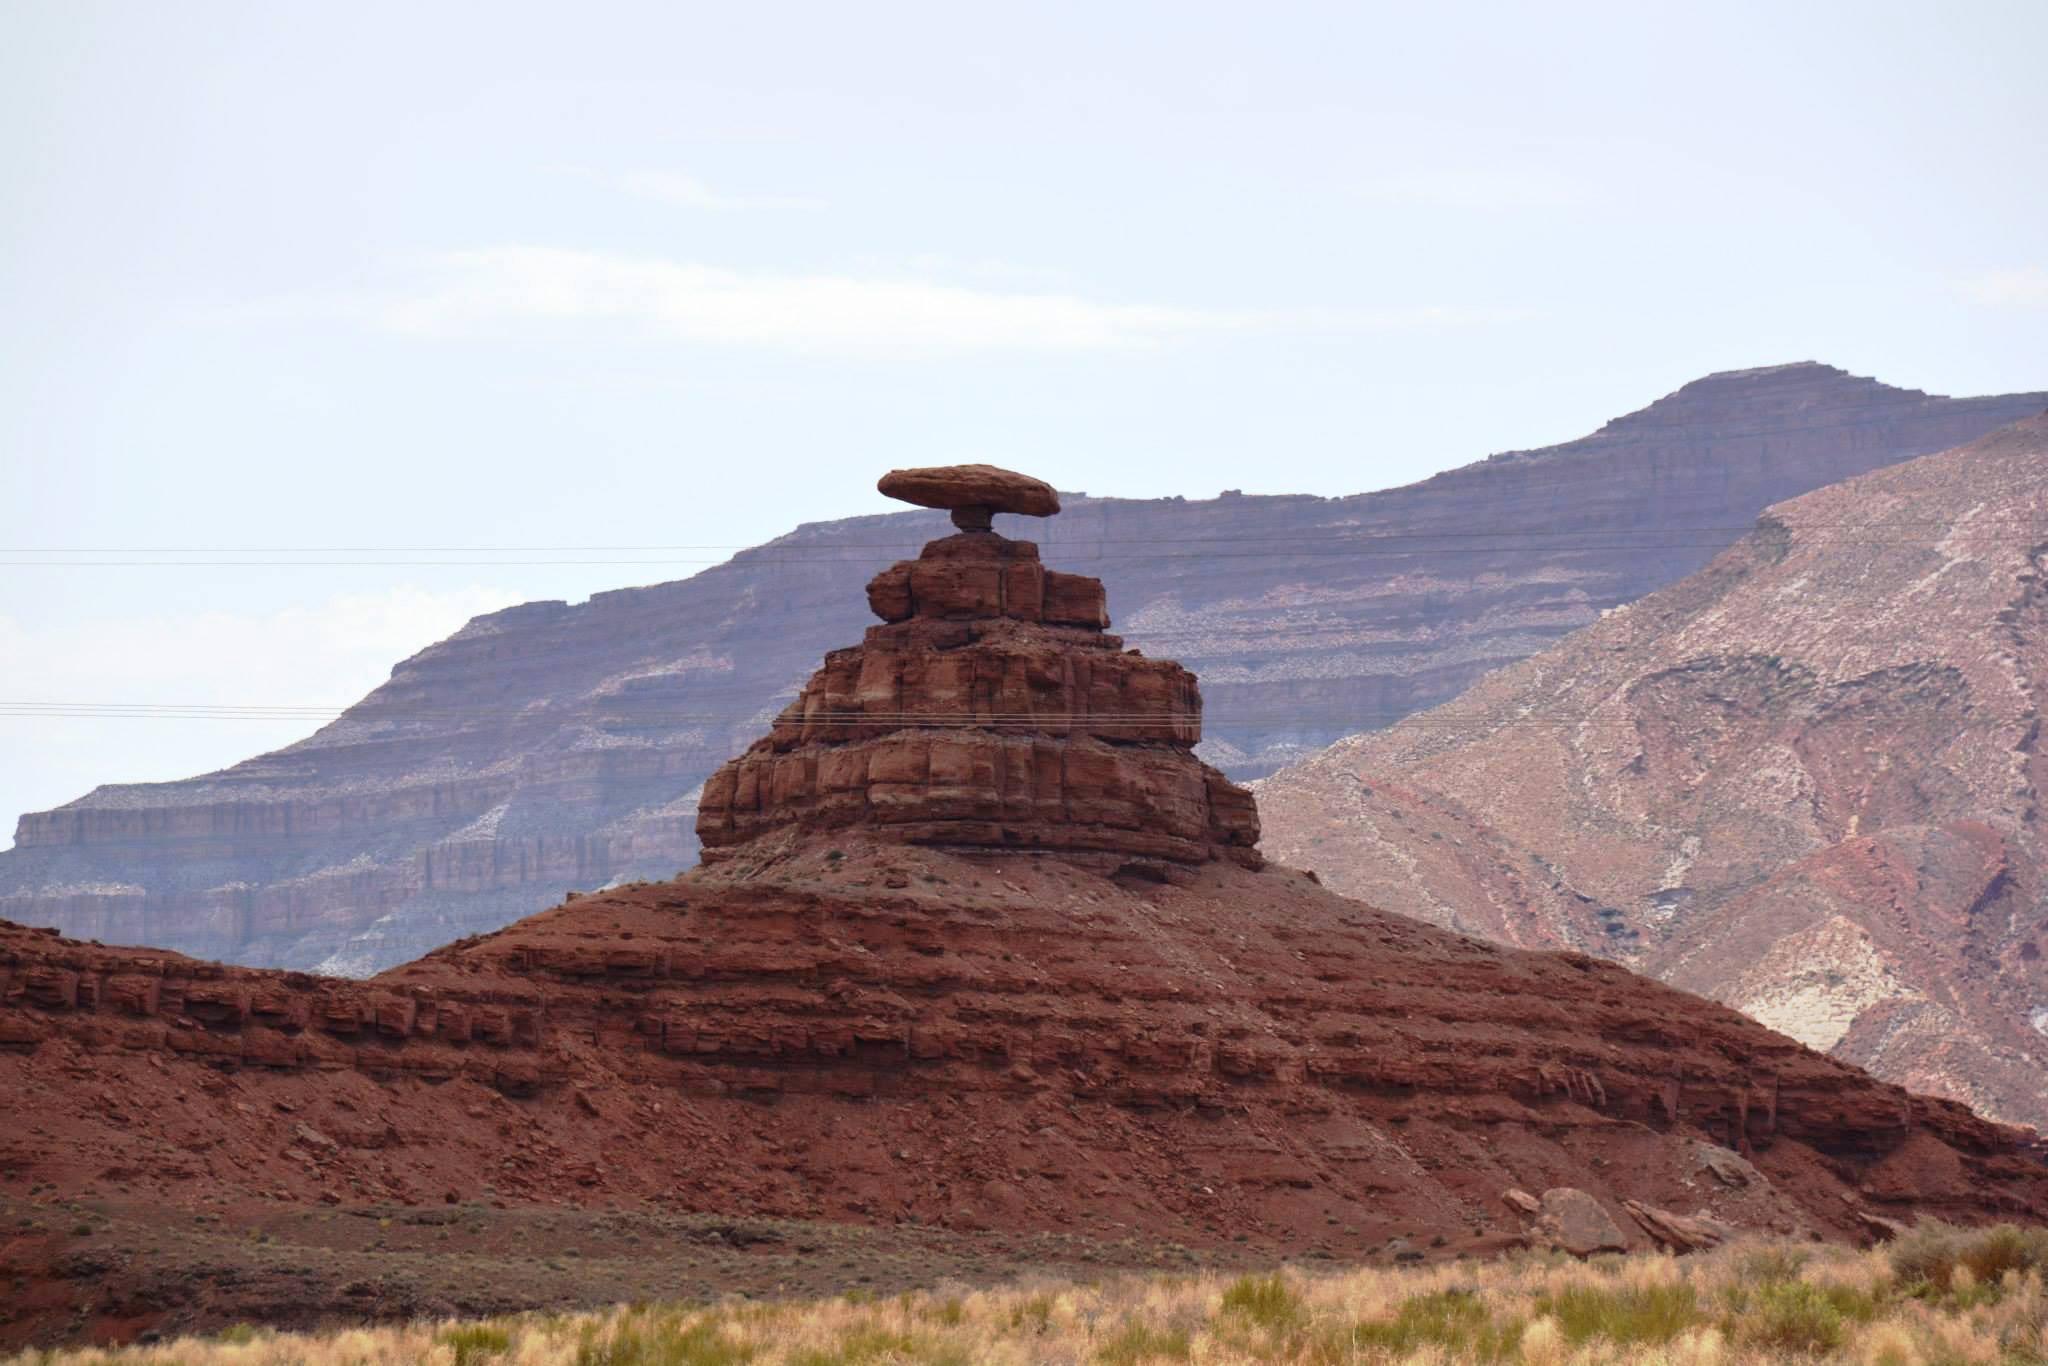 מגבעת הסלע-במקסיקאן האט